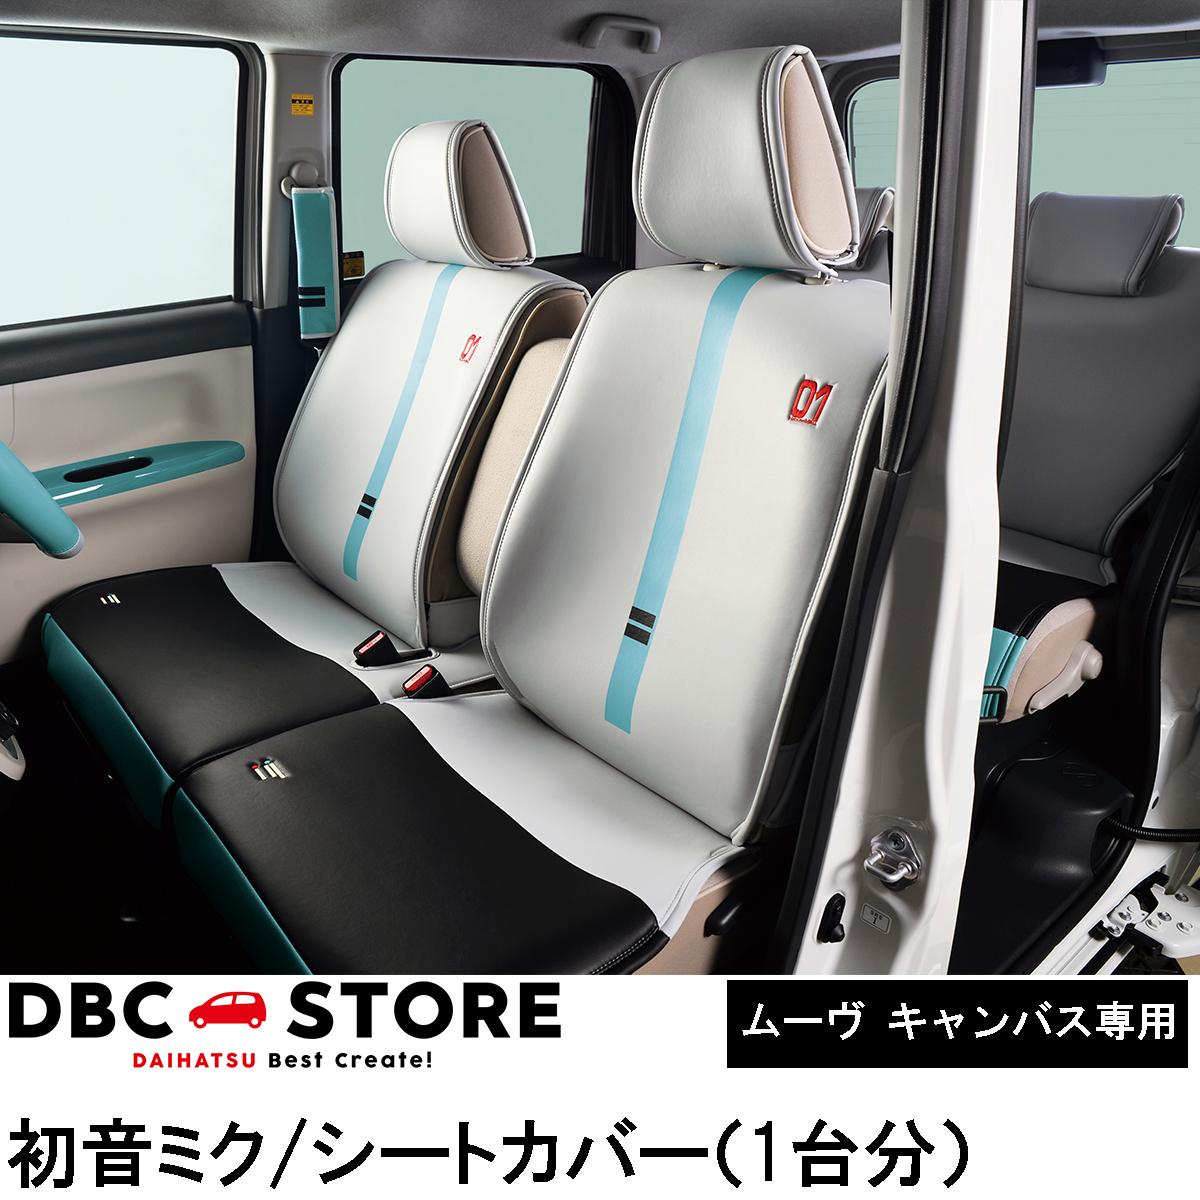 ダイハツ ムーヴキャンバス 初音ミク リミテッドパッケージ (MOVE CANBUS HATSUNE MIKU Limited Package) シートカバー (本革風) 1台分(フロント2席+リヤ2席)